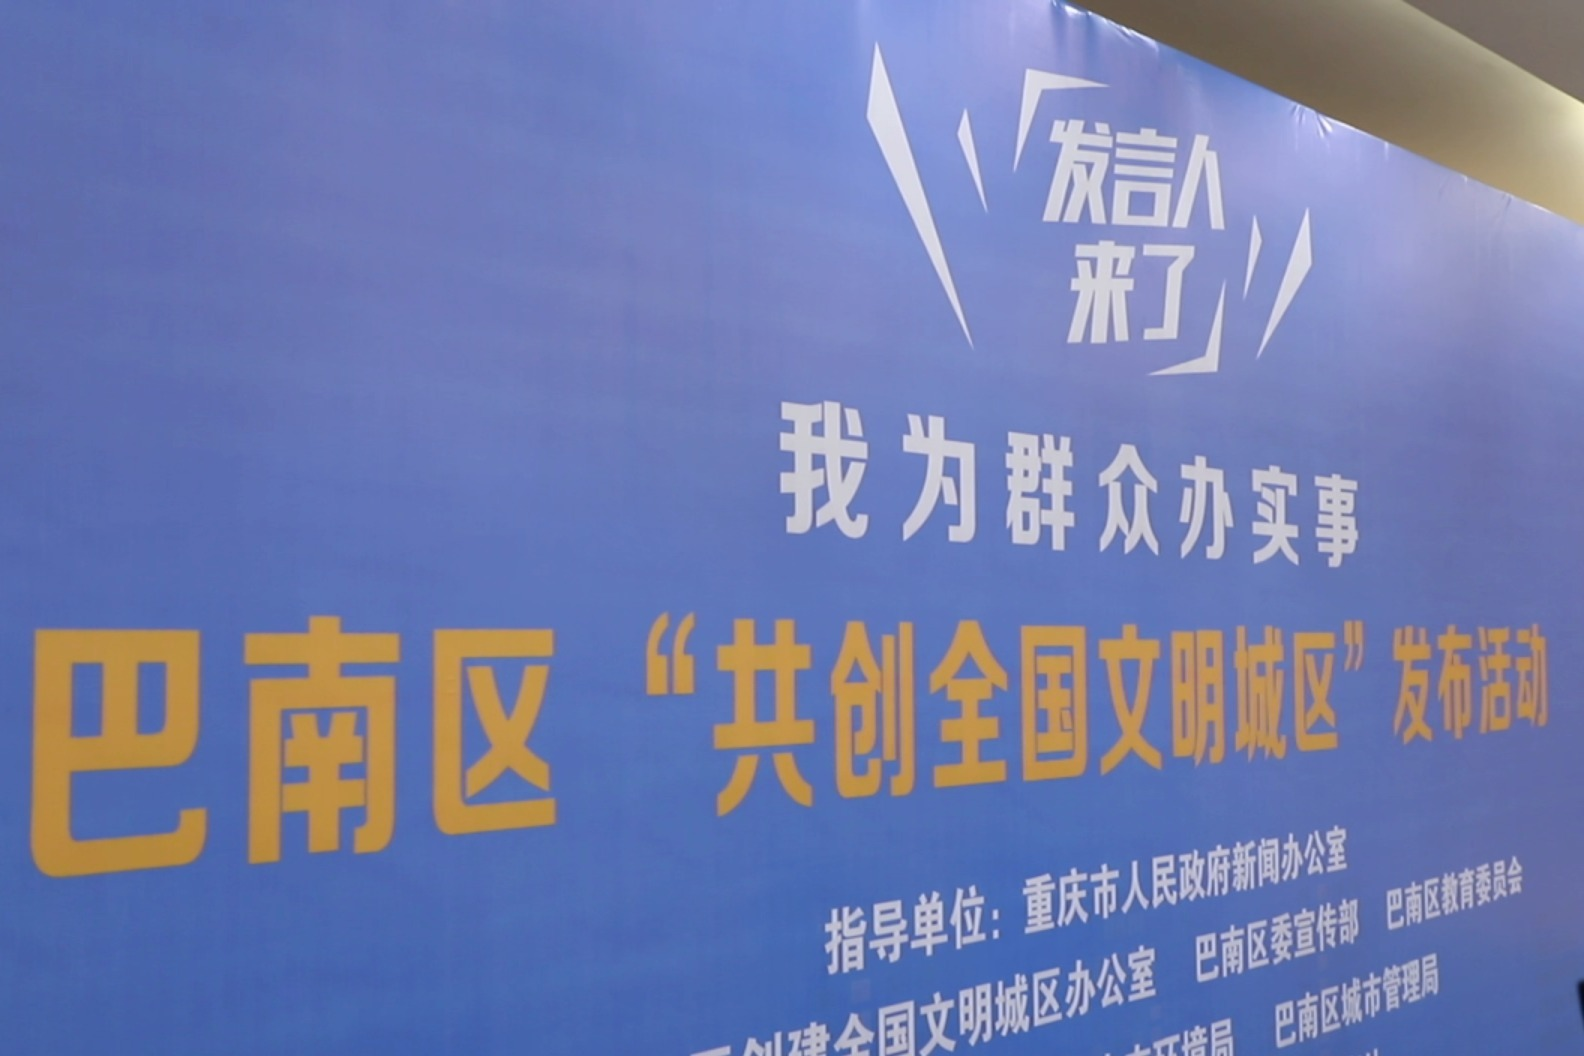 视频丨发言人来了!重庆巴南区全力共创全国文明城区